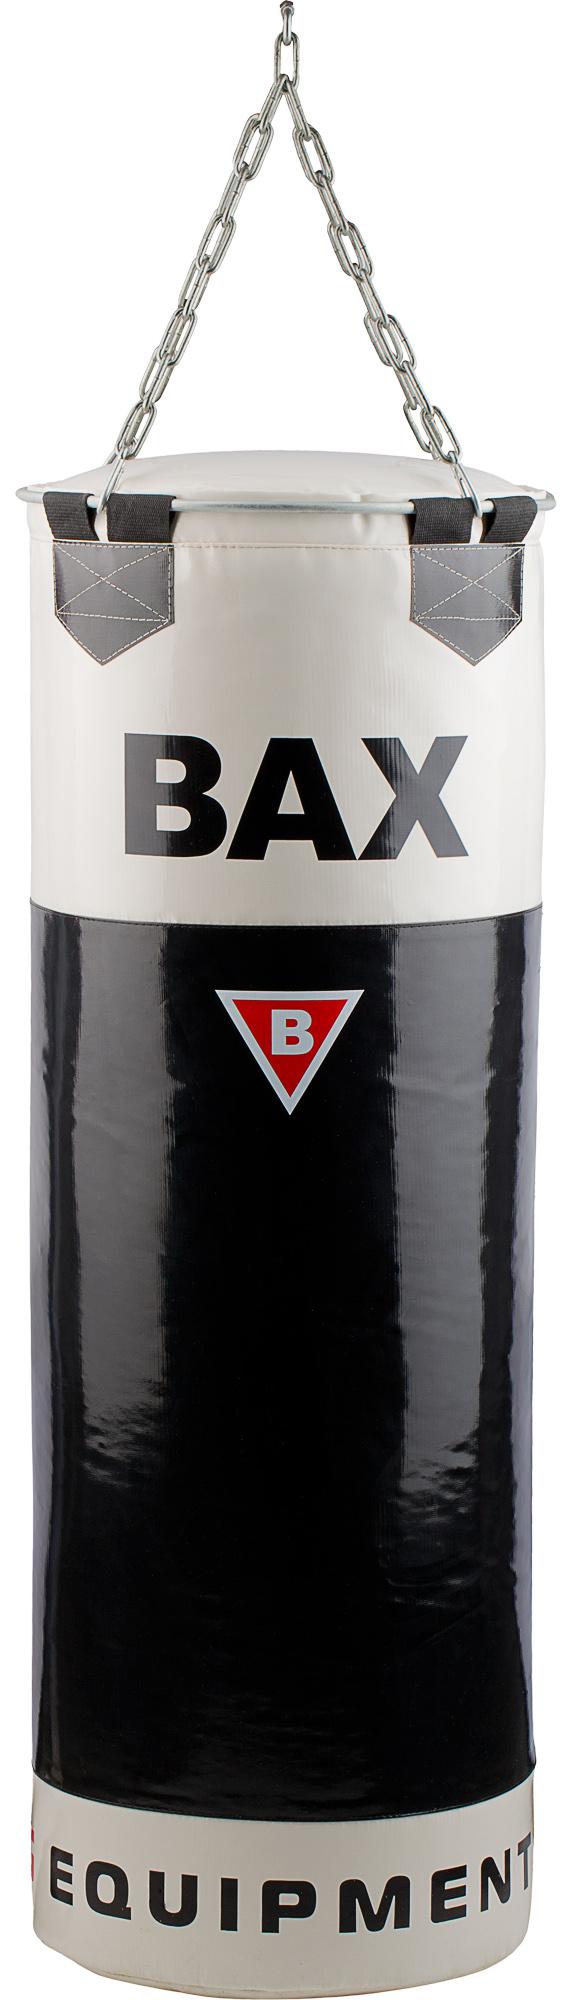 Bax Мешок набивной Bax, 60 кг bax мешок набивной bax 40 кг